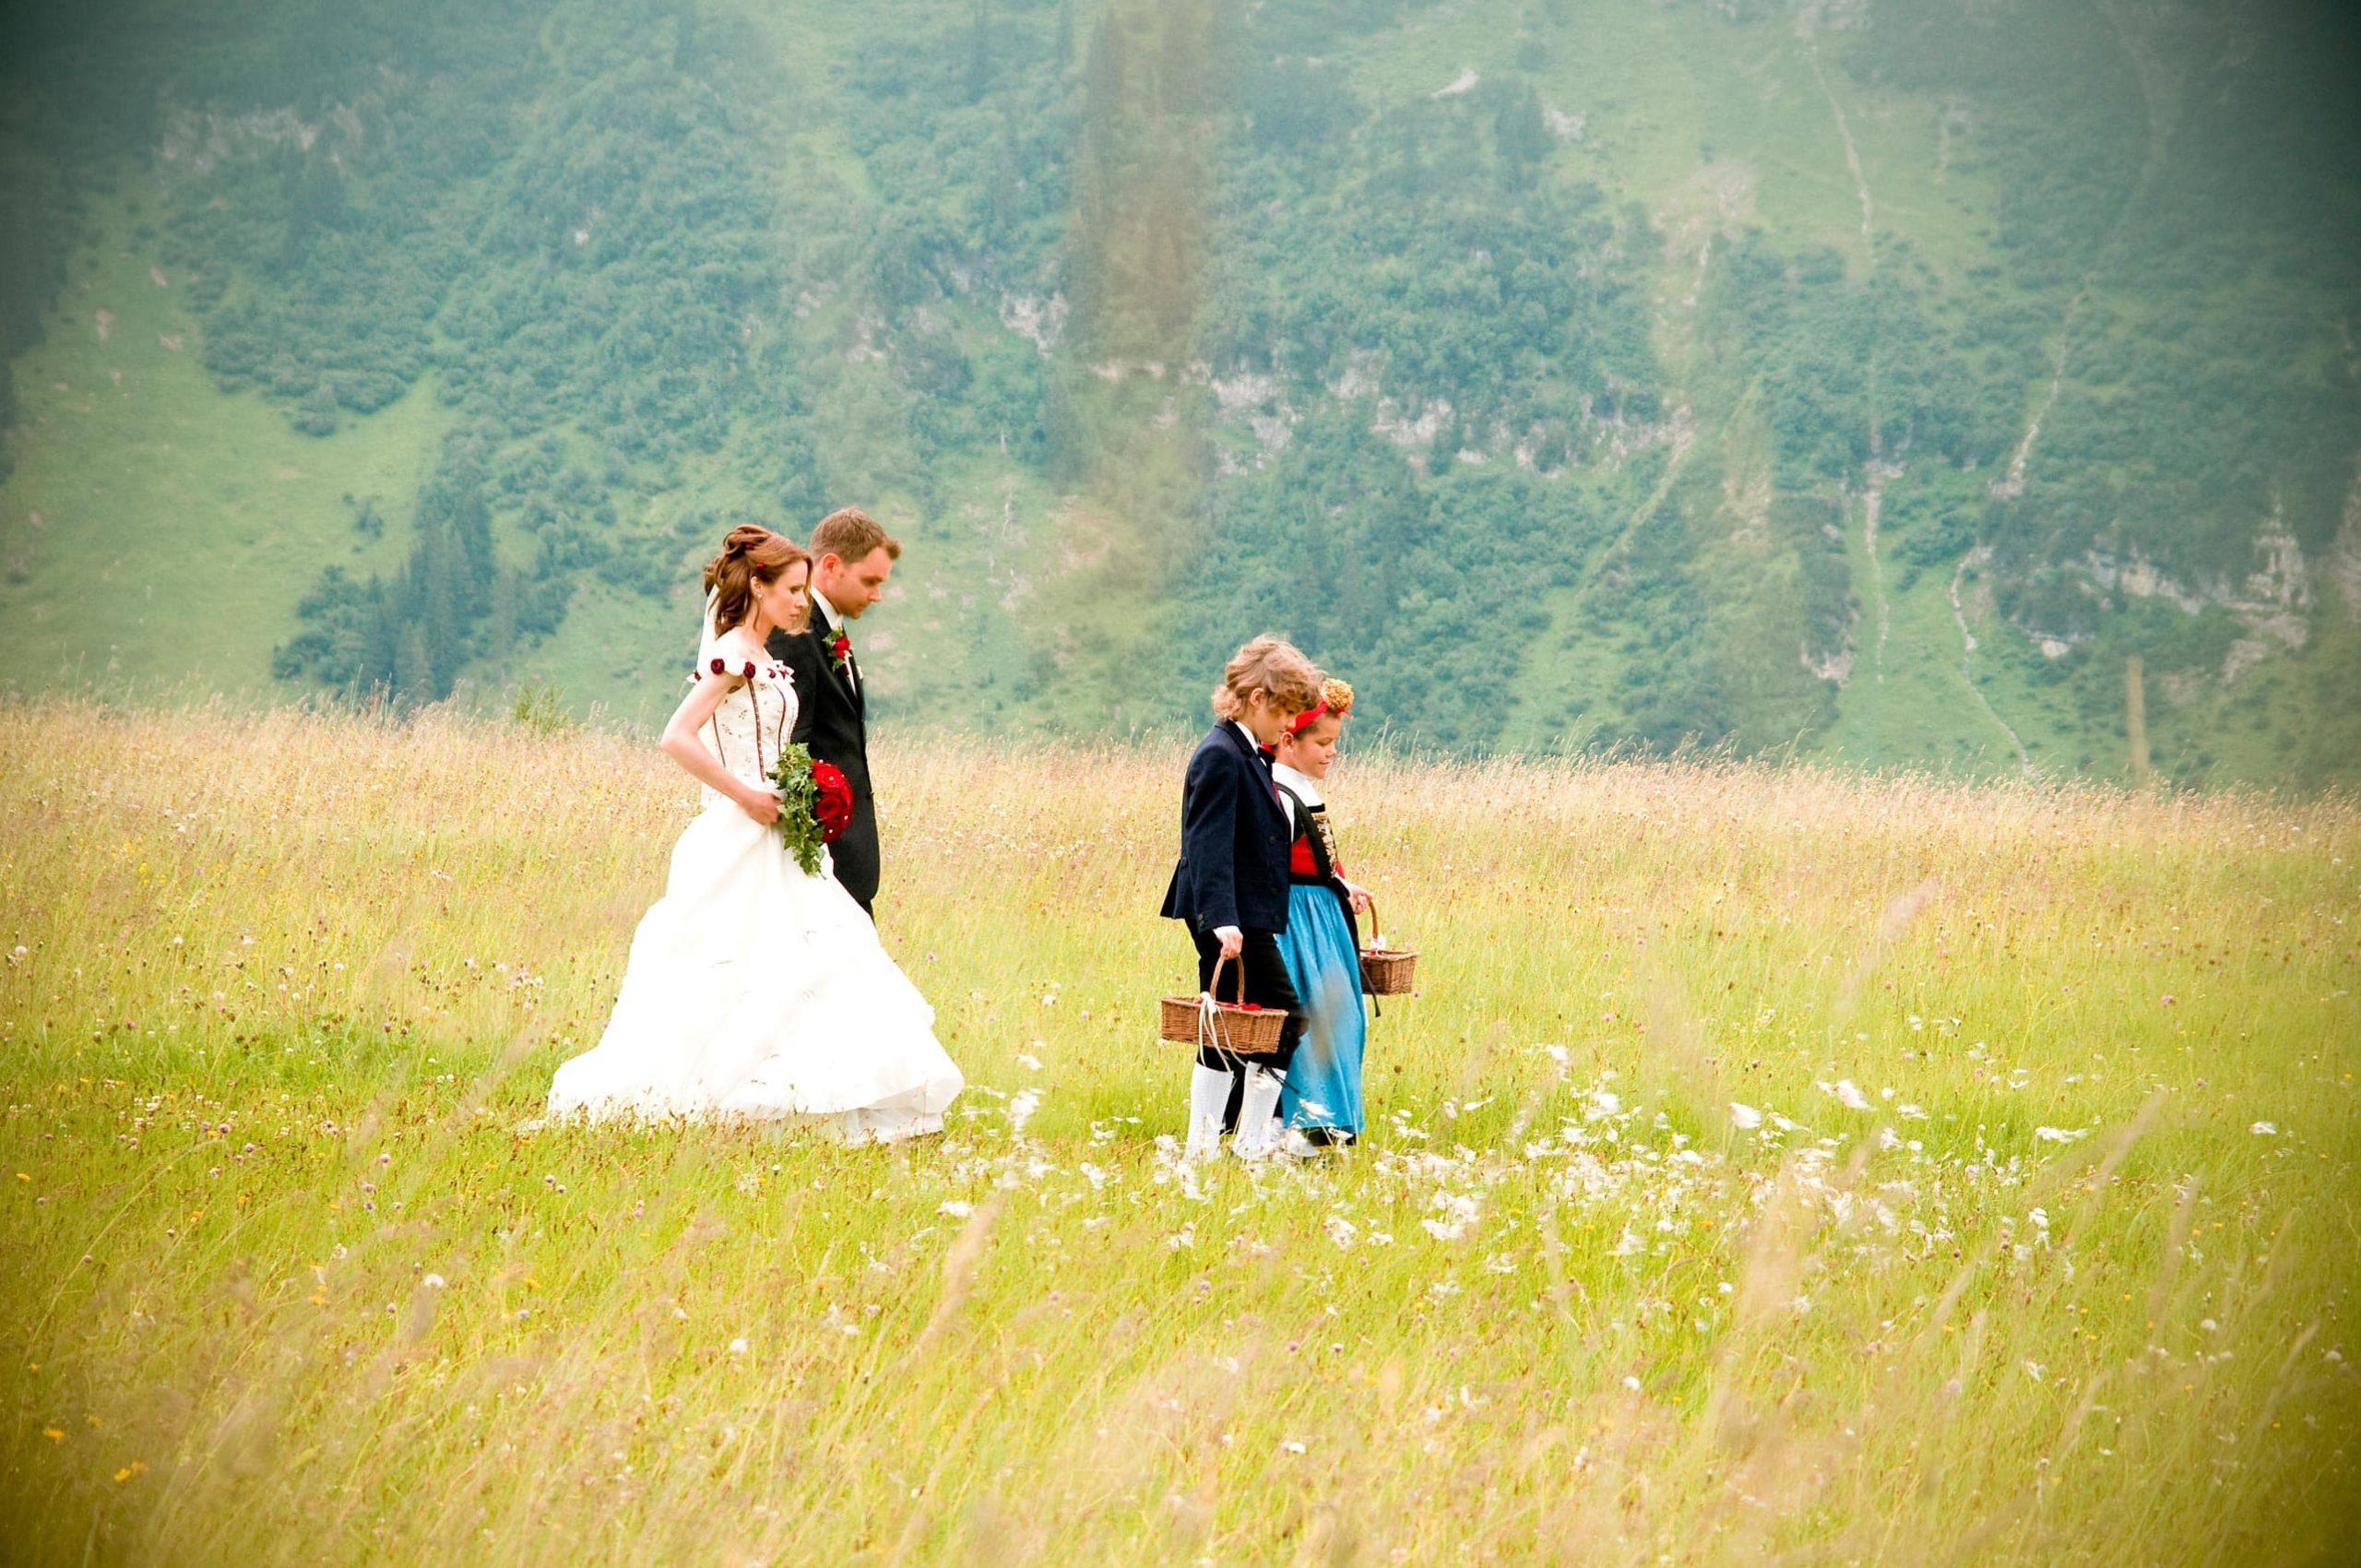 Fotograf Hochzeit Vorarlberg Monika Kessler zeigt Hochzeitsbilder